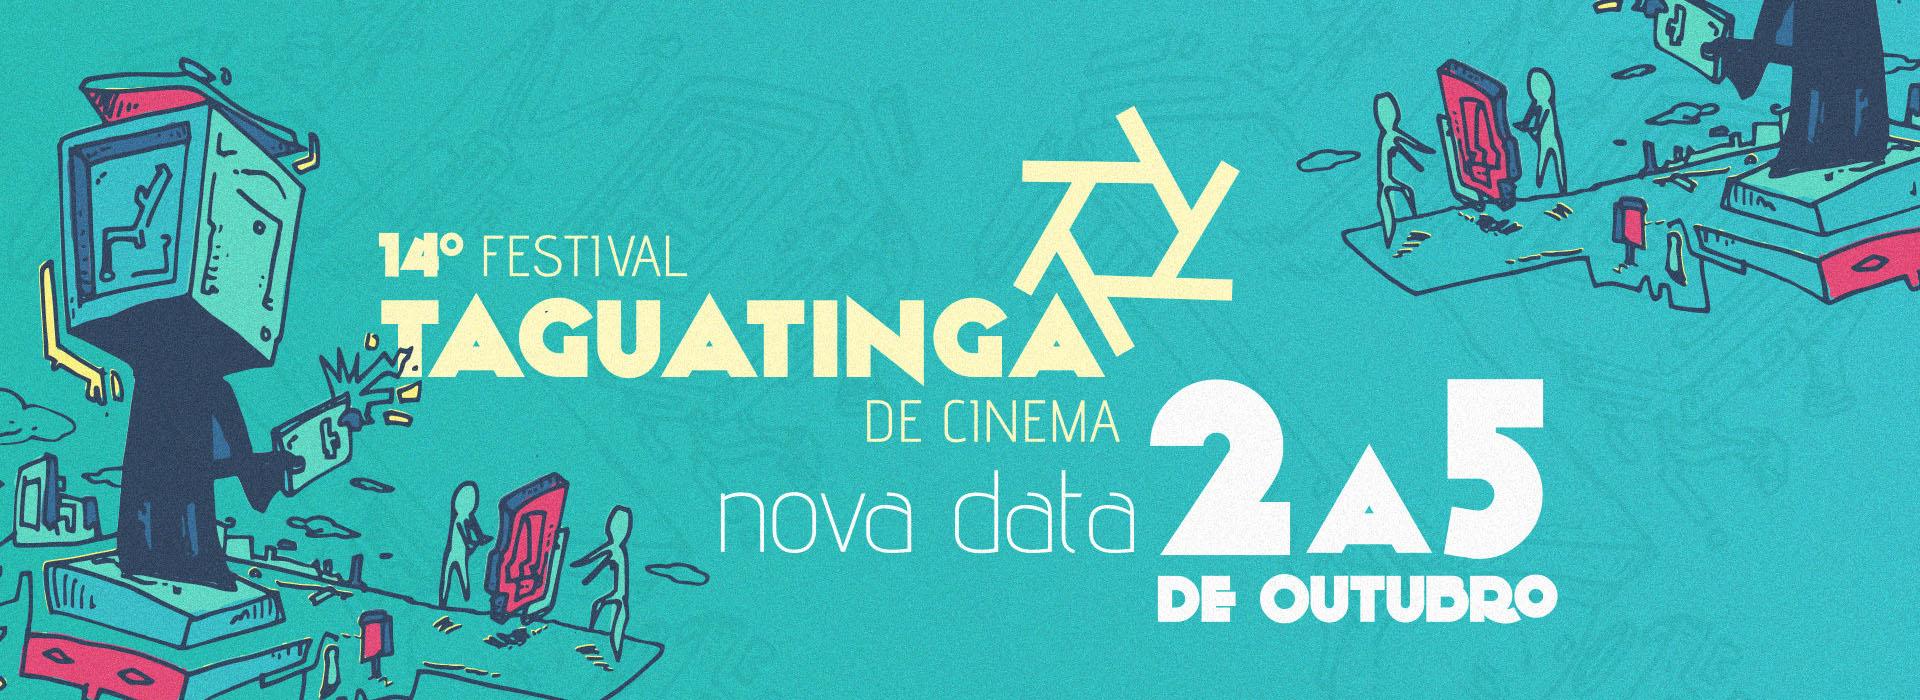 Nova Data 14º Festival